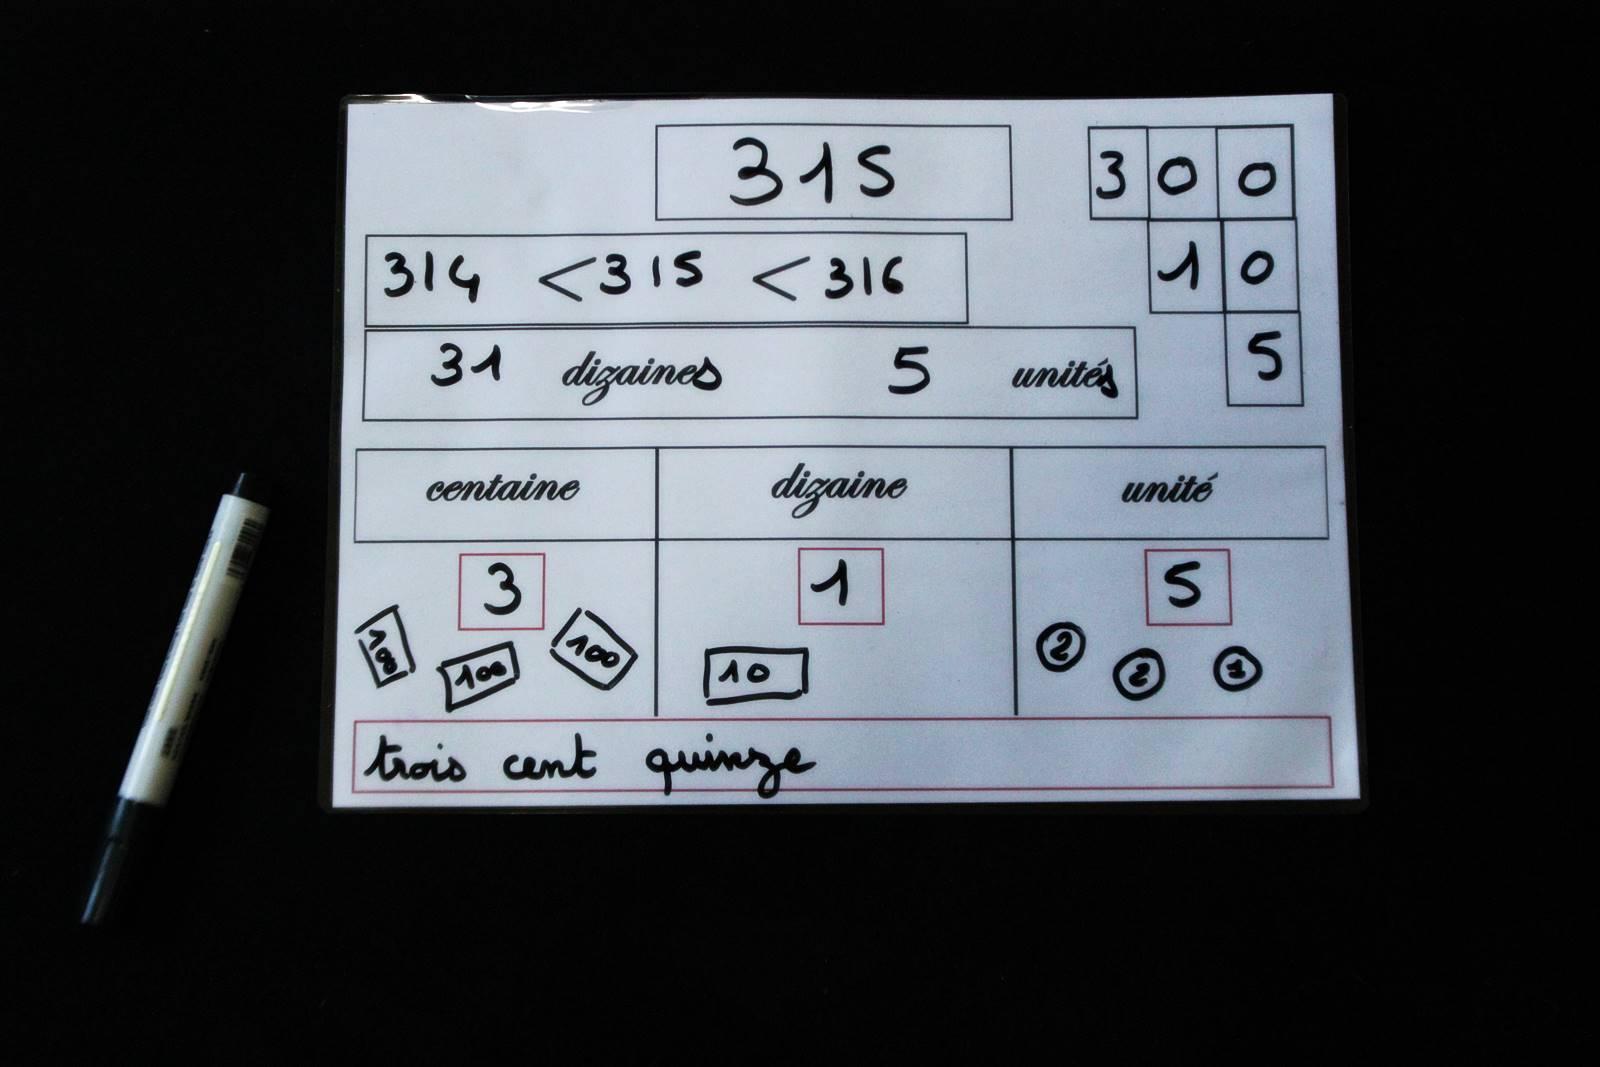 Tableaux effacables mathematiques a telechargerimg 2719